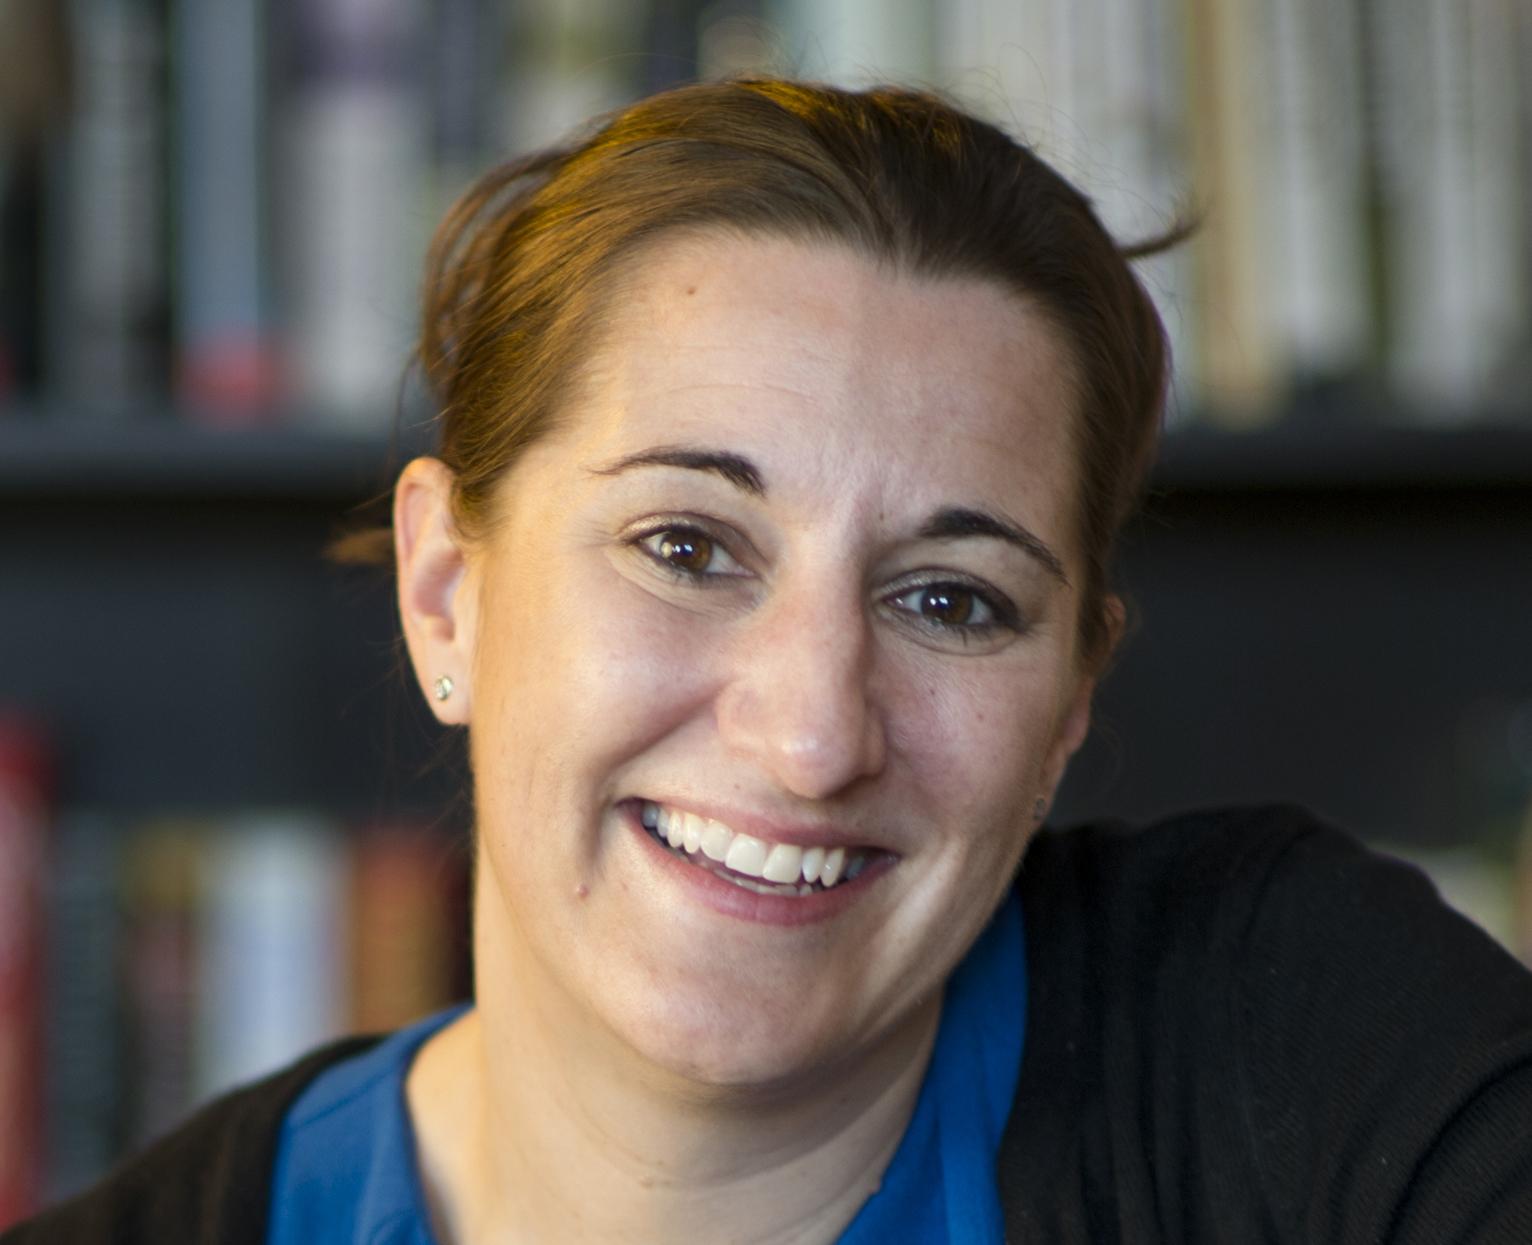 Zoe Fry II